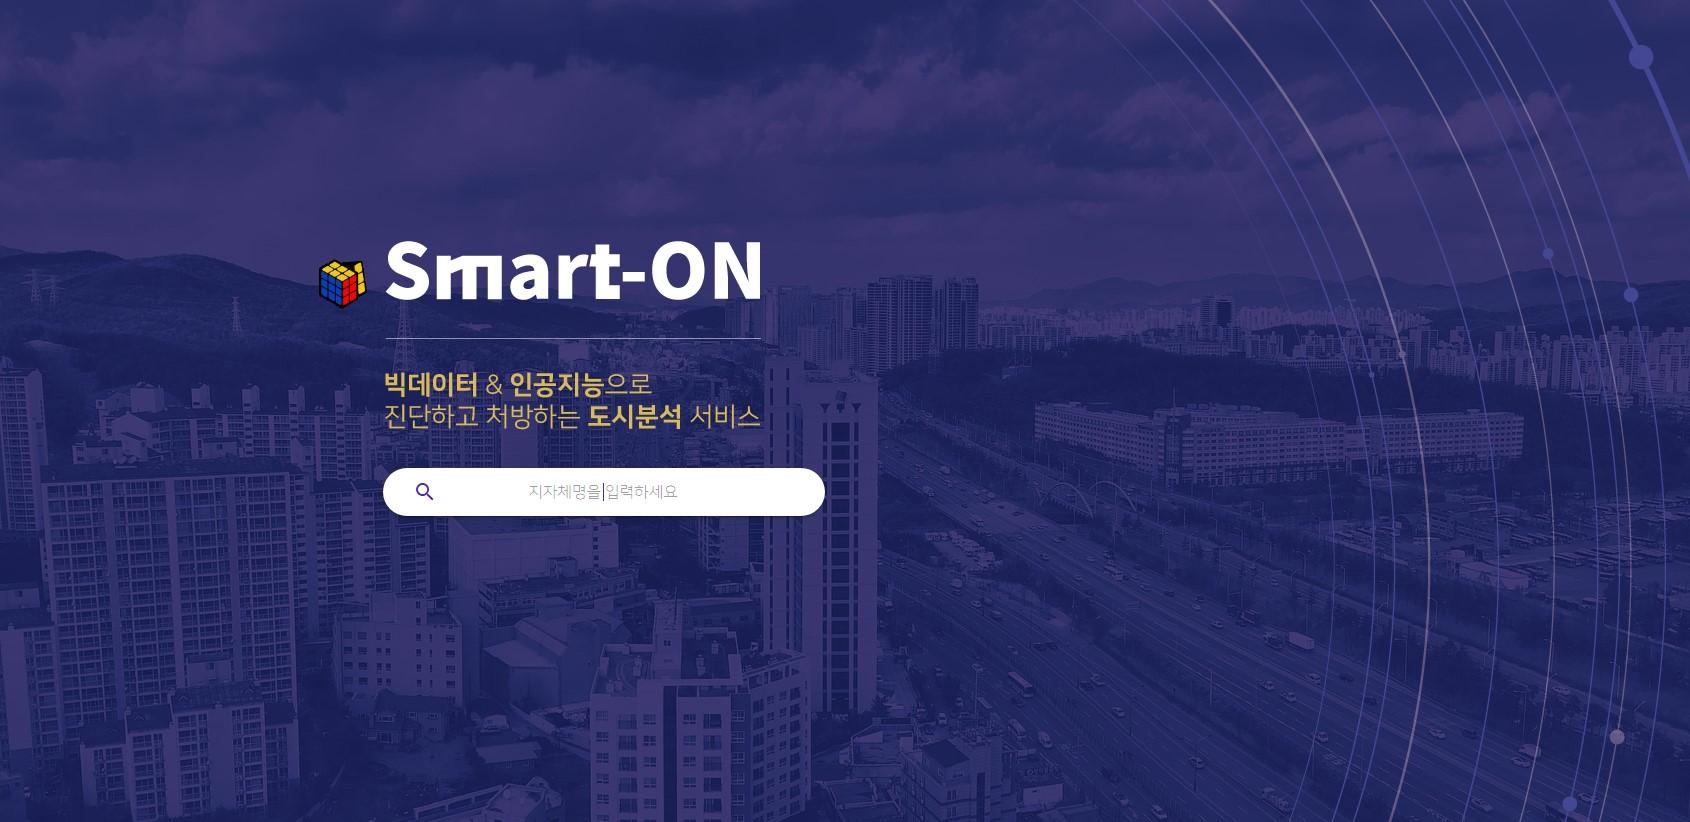 오픈메이트온, 인공지능으로 도시 정책을 추천하는 '스마트온' 출시 - 'Startup's Story Platform'